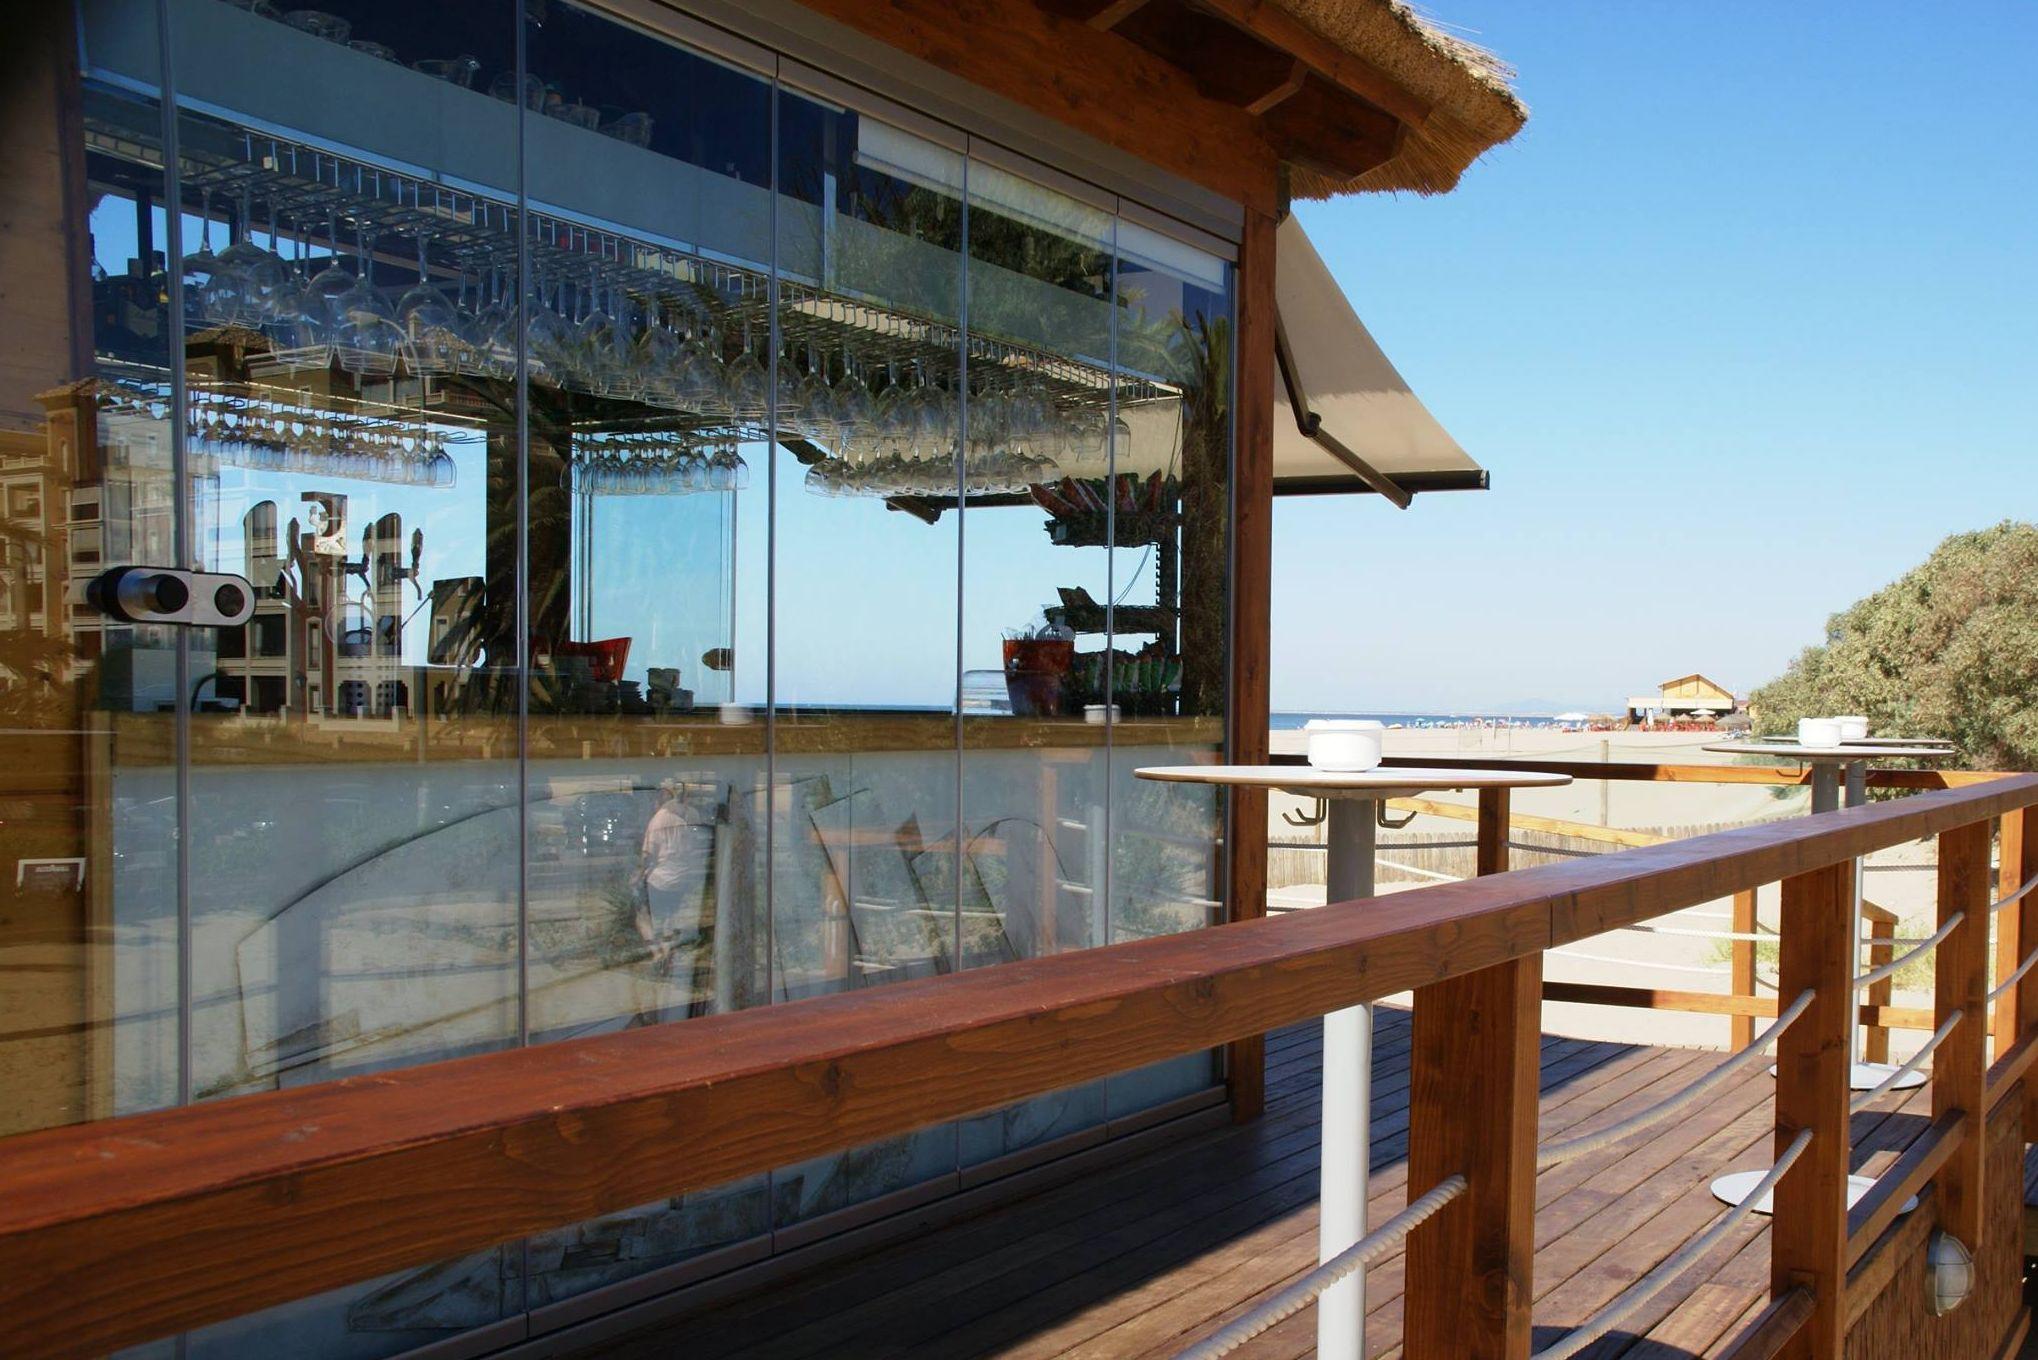 Mariscos de la costa en Isla Canela, Ayamonte (Huelva)